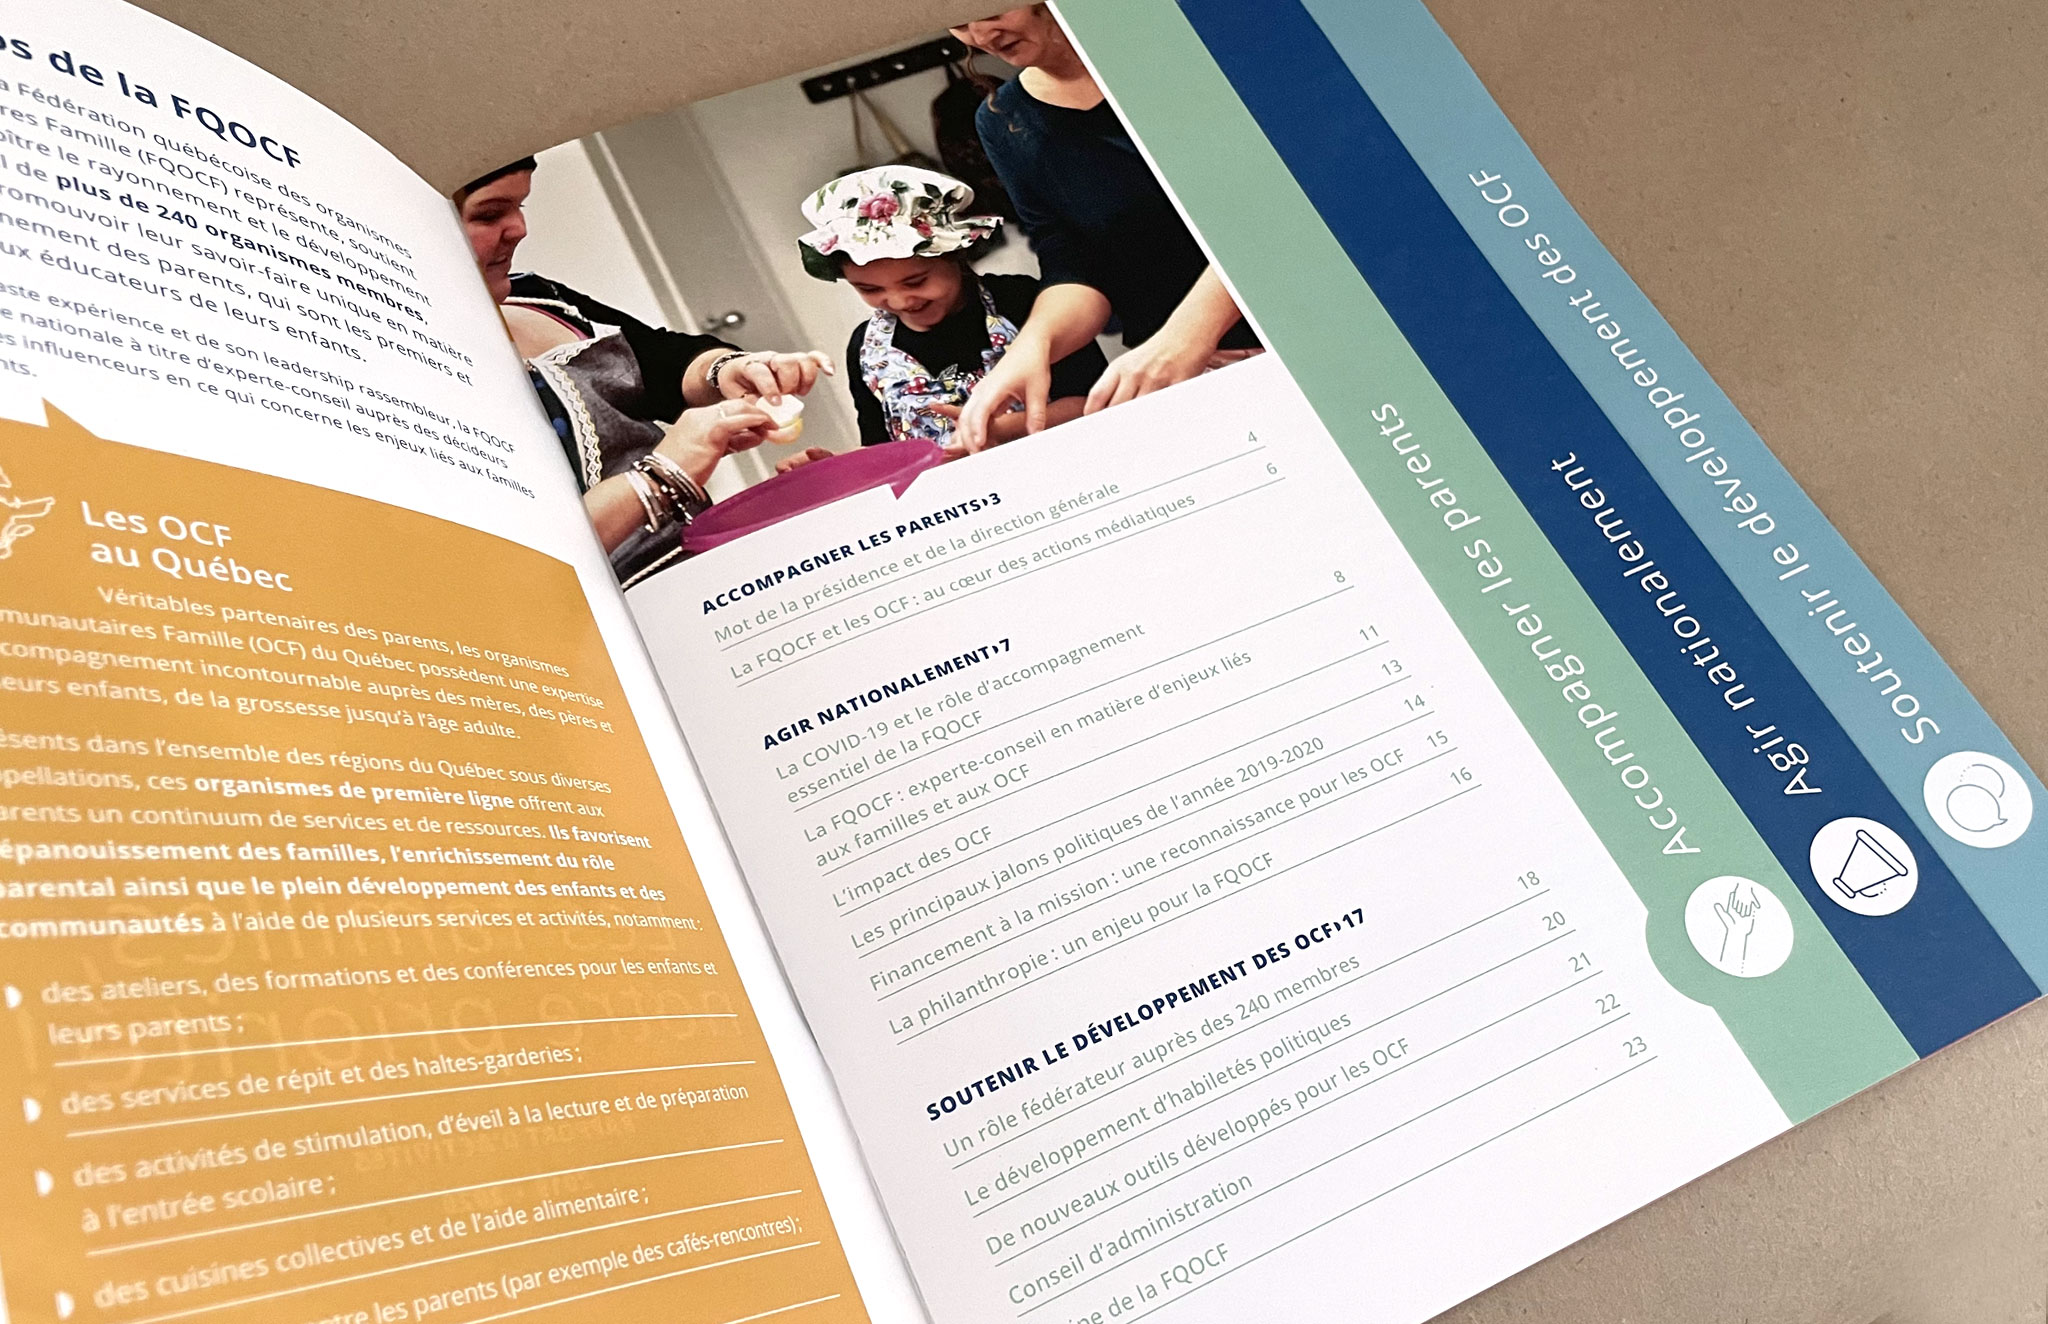 Rapport d'activités de la Fédération québécoise des organismes communautaires Famille.